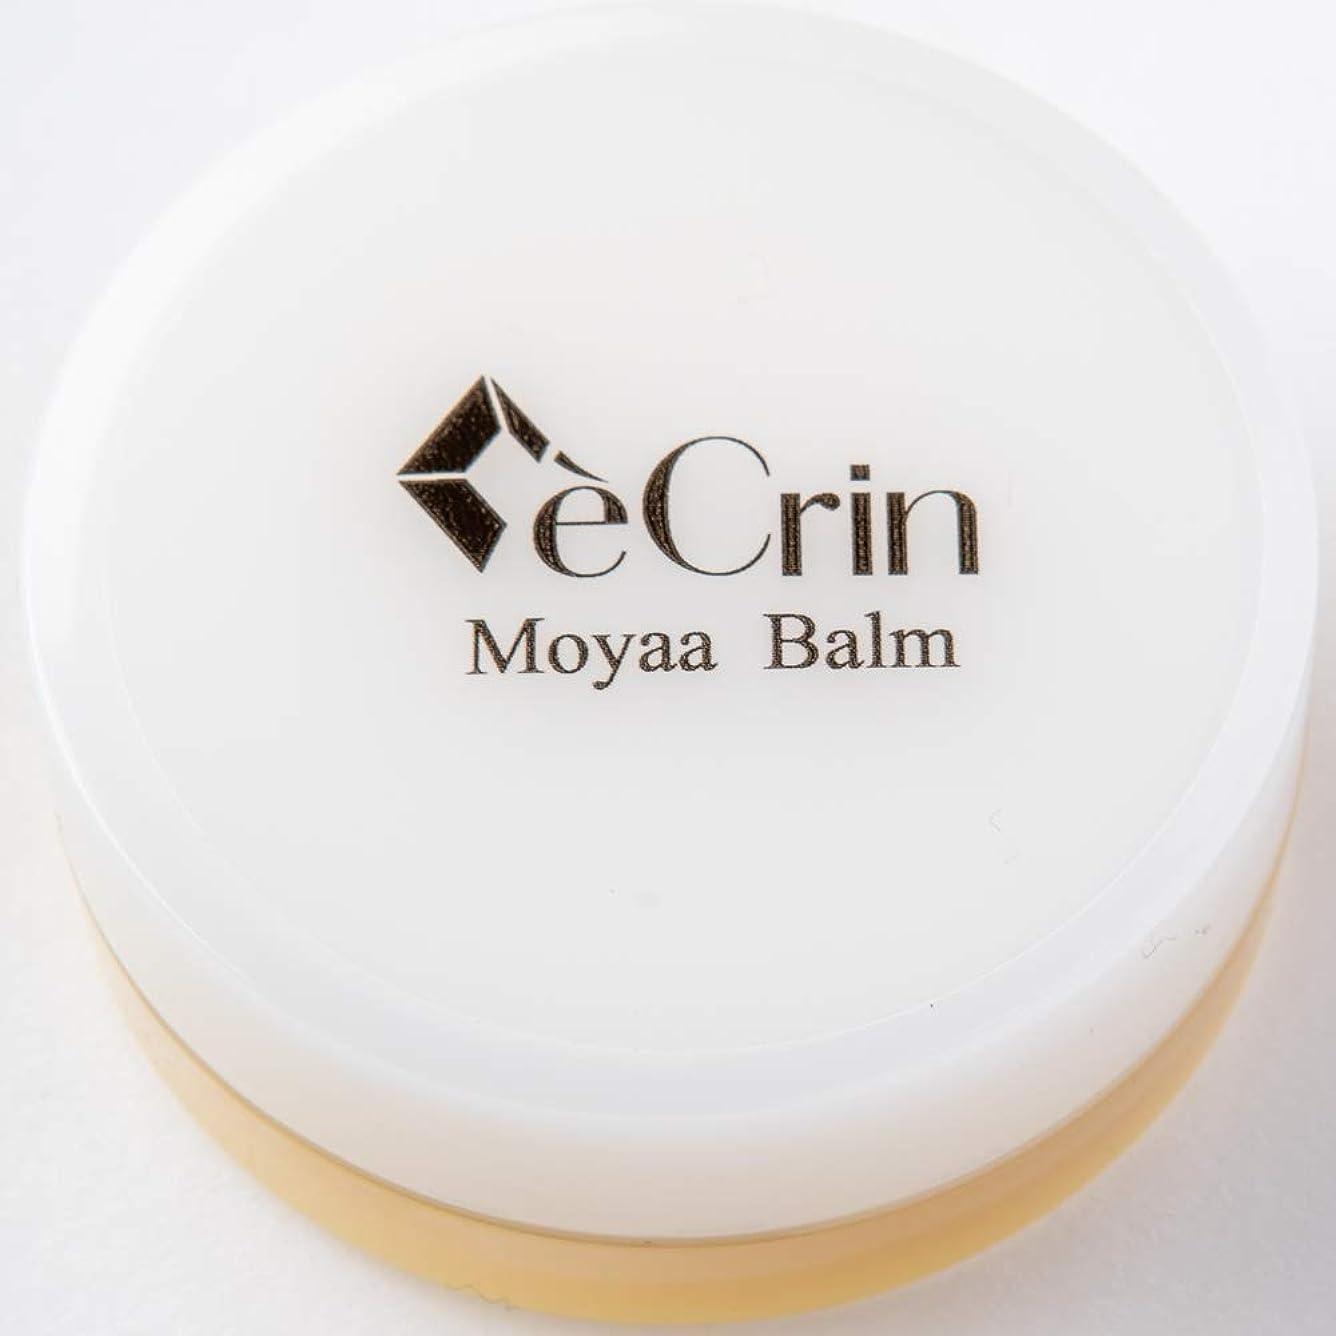 換気わざわざ勃起Moyaa Balm (モーヤバーム)天然成分のみで仕上げたシアバター white 無添加 天然成分100%